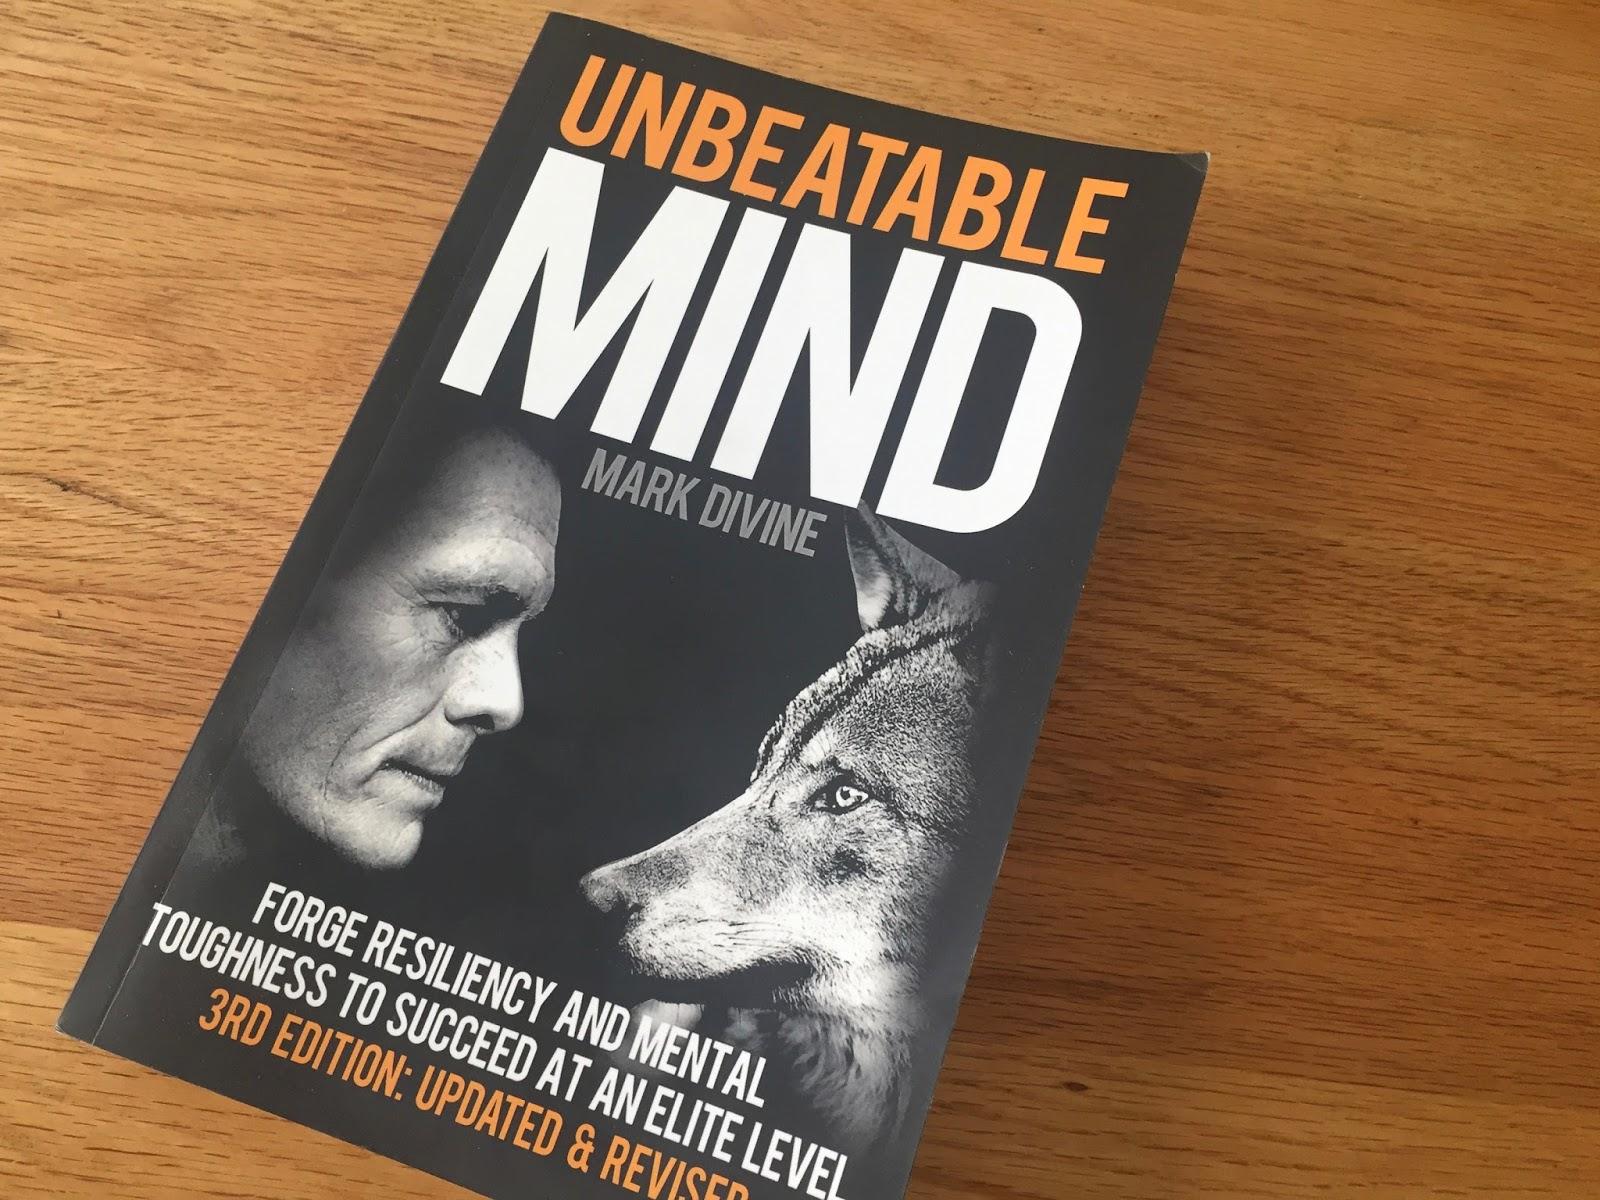 Mark divine unbeatable mind